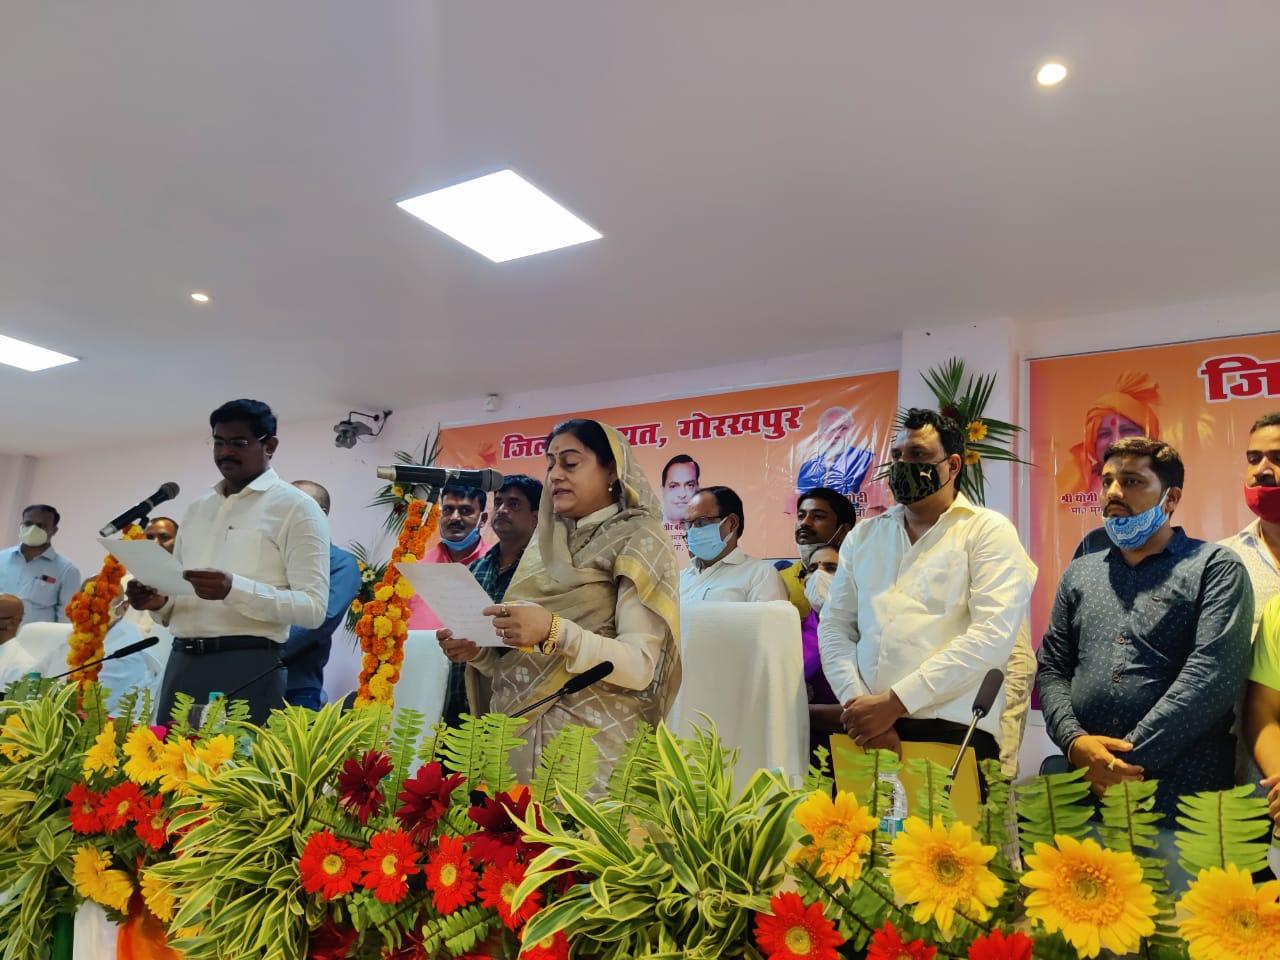 BJP से निर्विरोध निर्वाचित हुई थीं साधना सिंह, 68 जिपं सदस्यों को भी दिलाई गई ली शपथ|गोरखपुर,Gorakhpur - Dainik Bhaskar